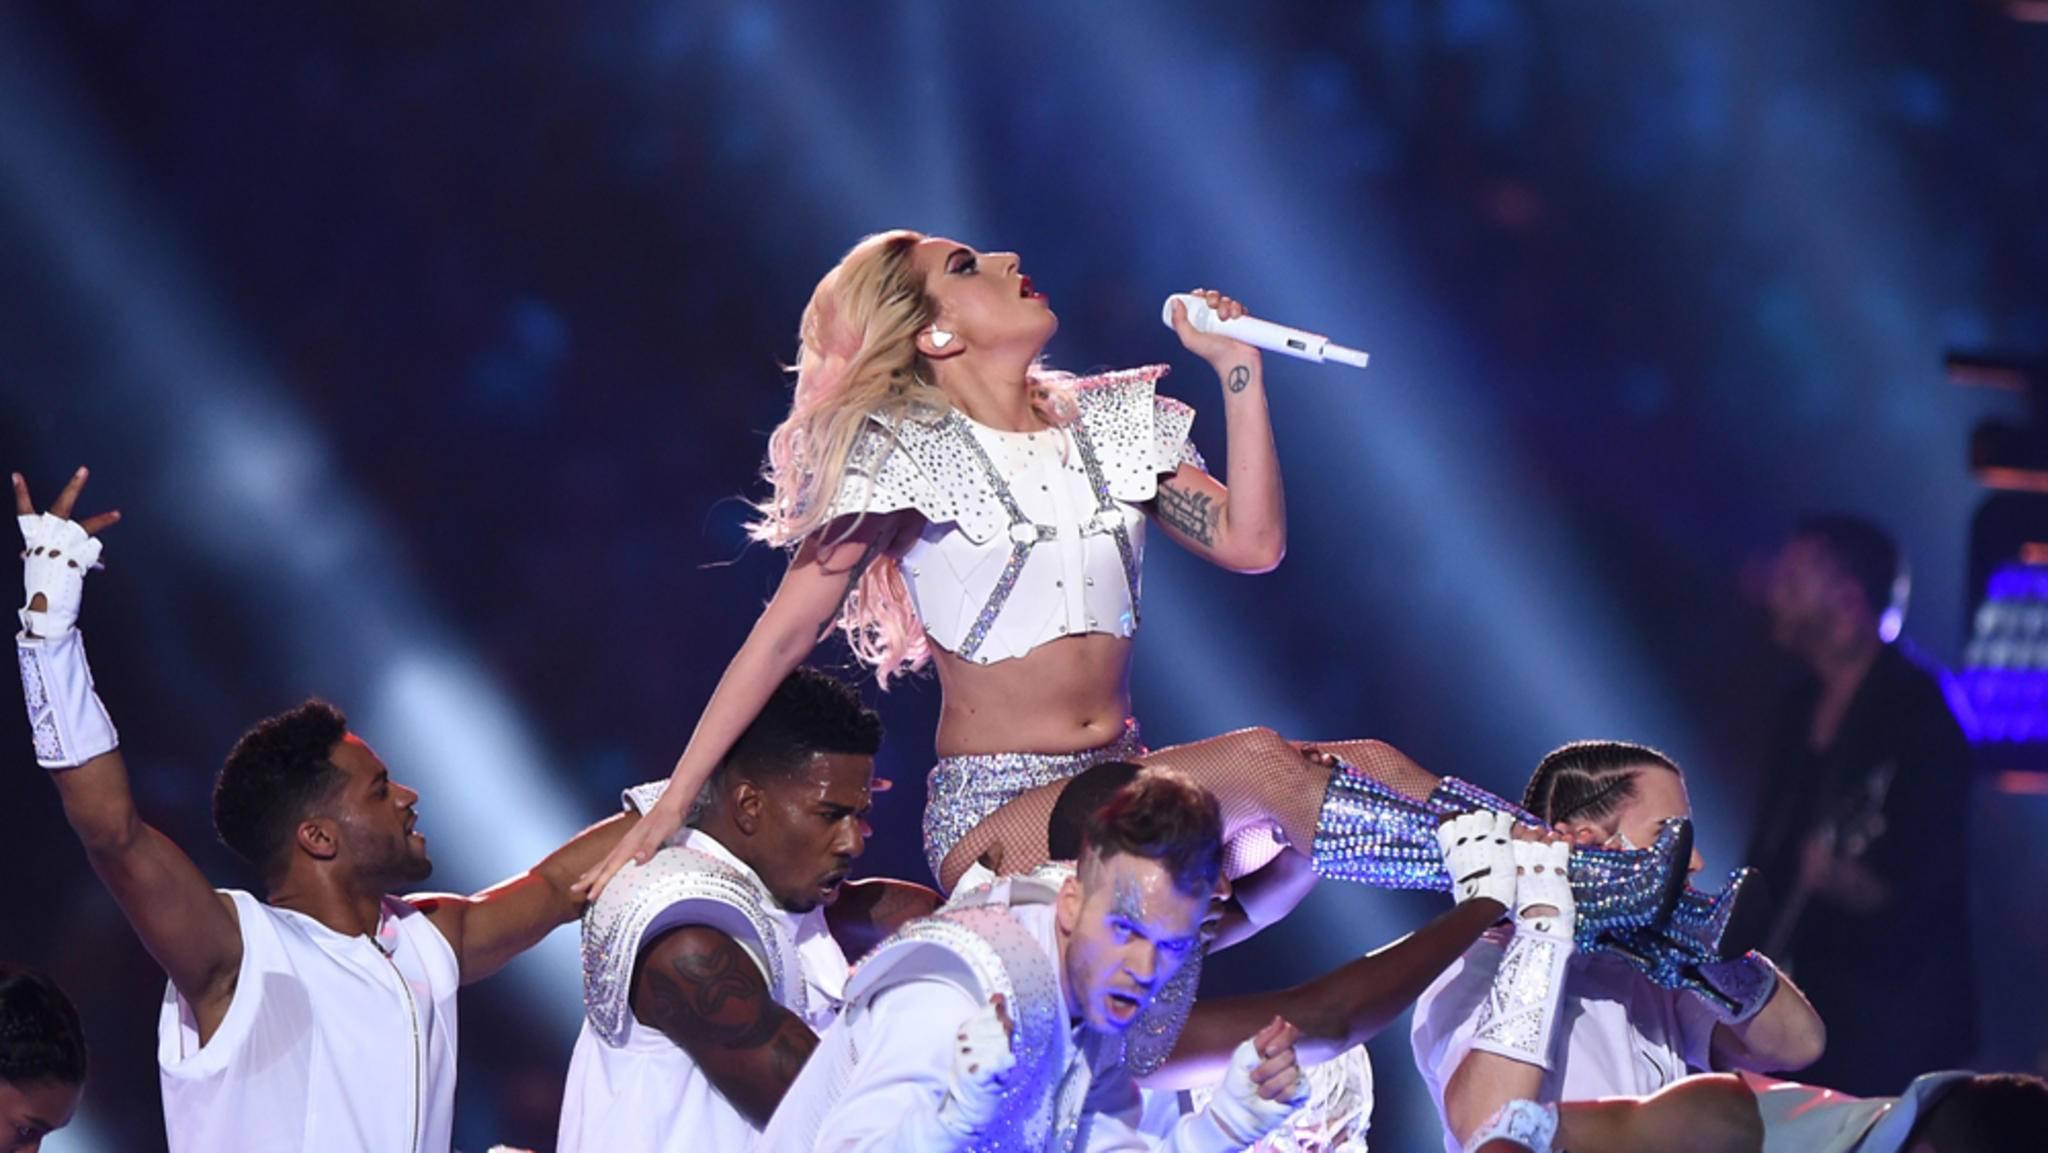 Ob Lady Gaga die Konzerte ihrer Welttournee 2017 ähnlich groß aufzieht wie ihren Auftritt beim Super Bowl?